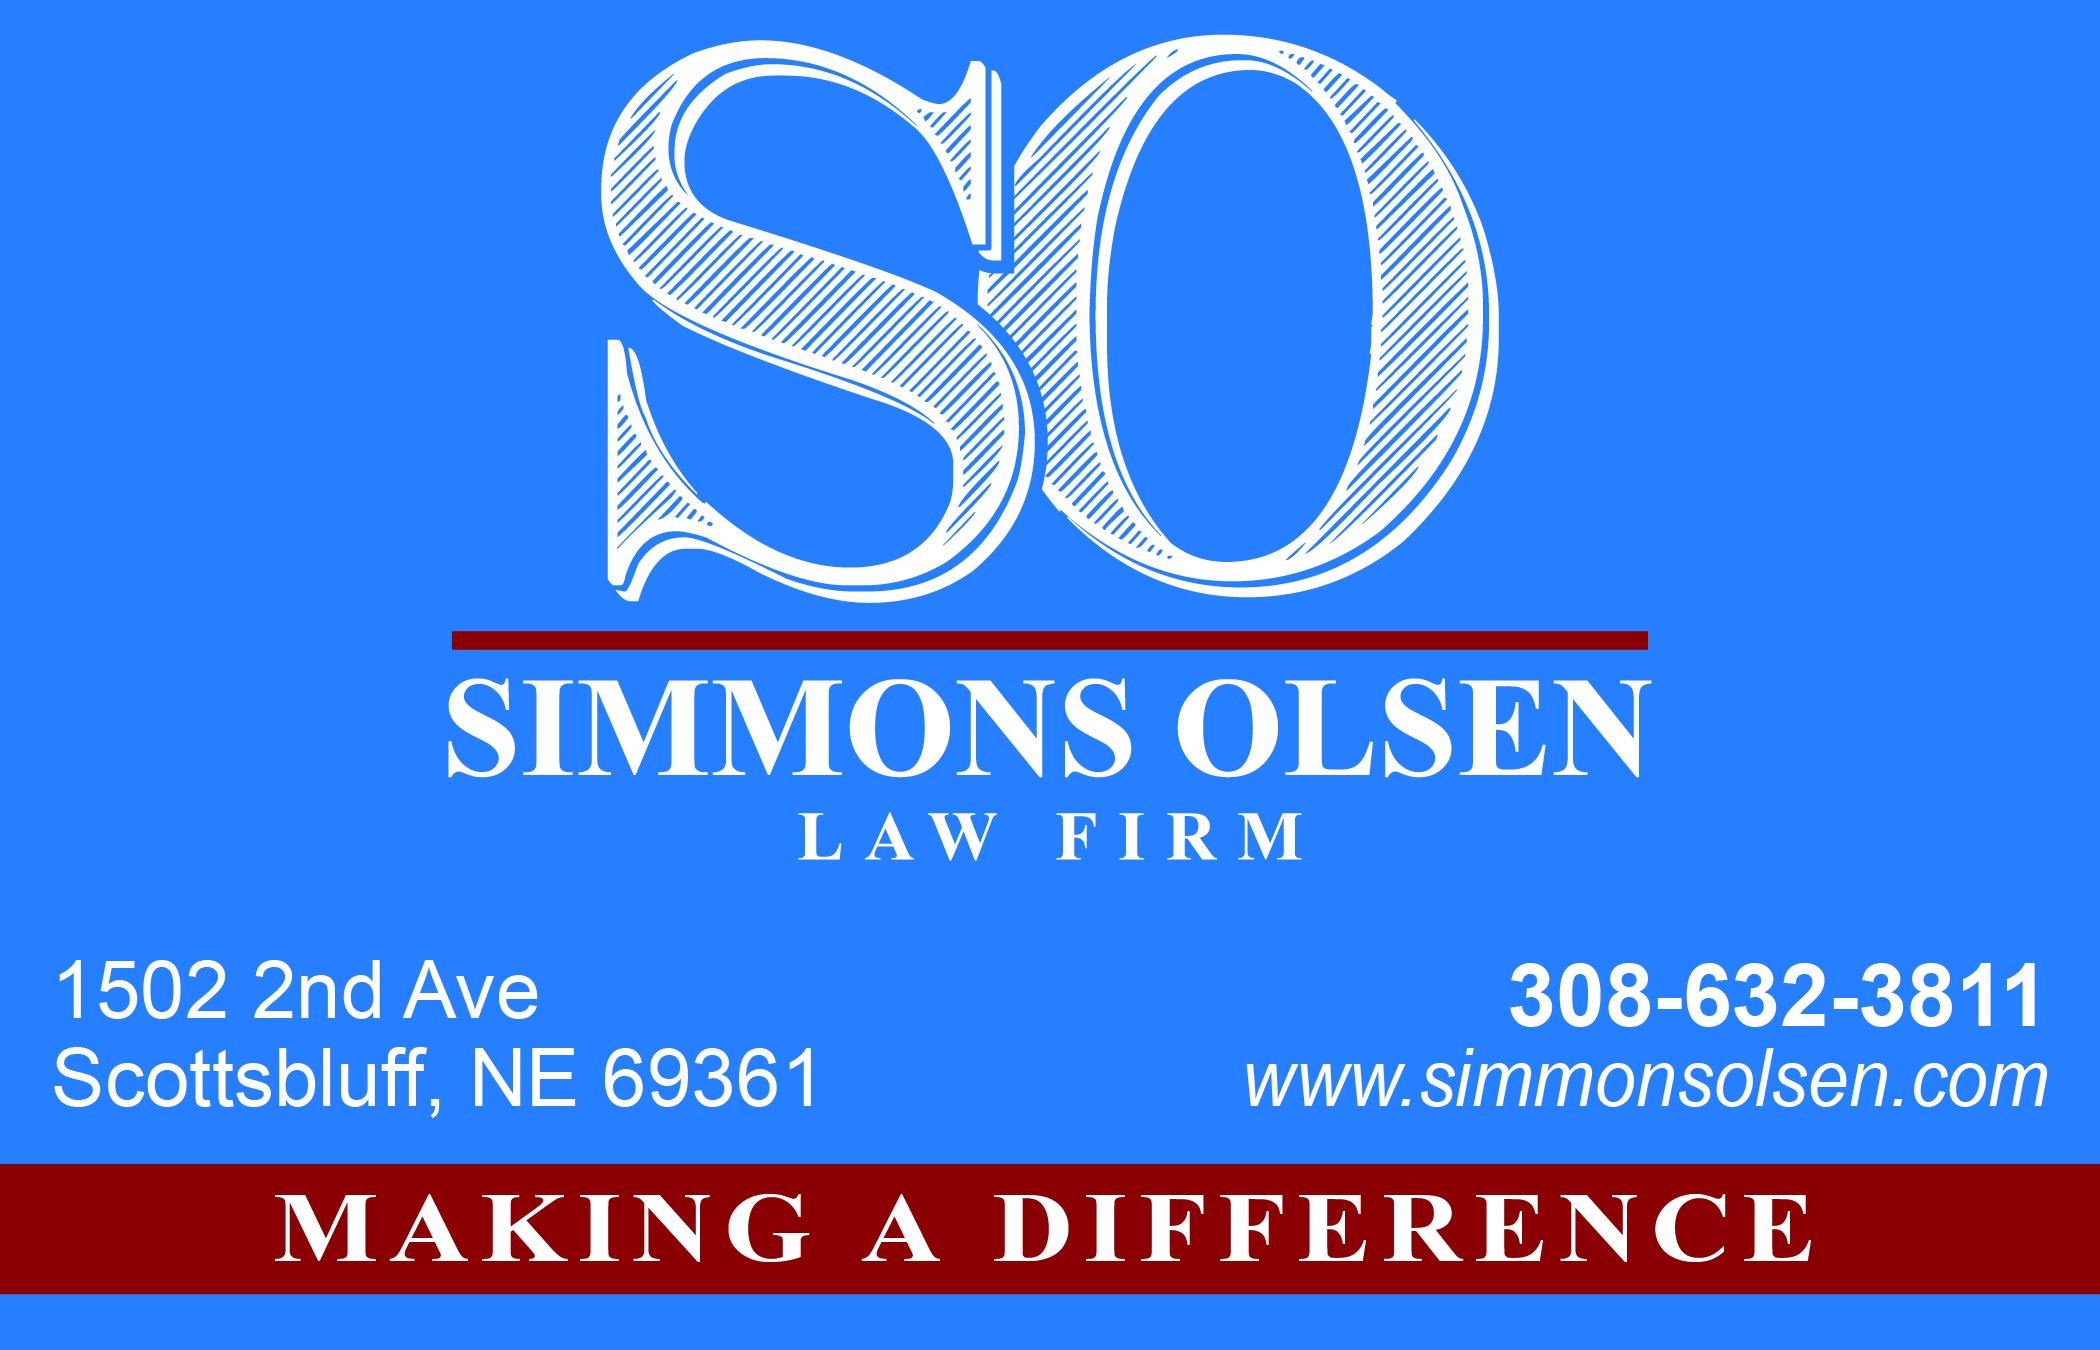 Simmons_Olsen logo.jpg